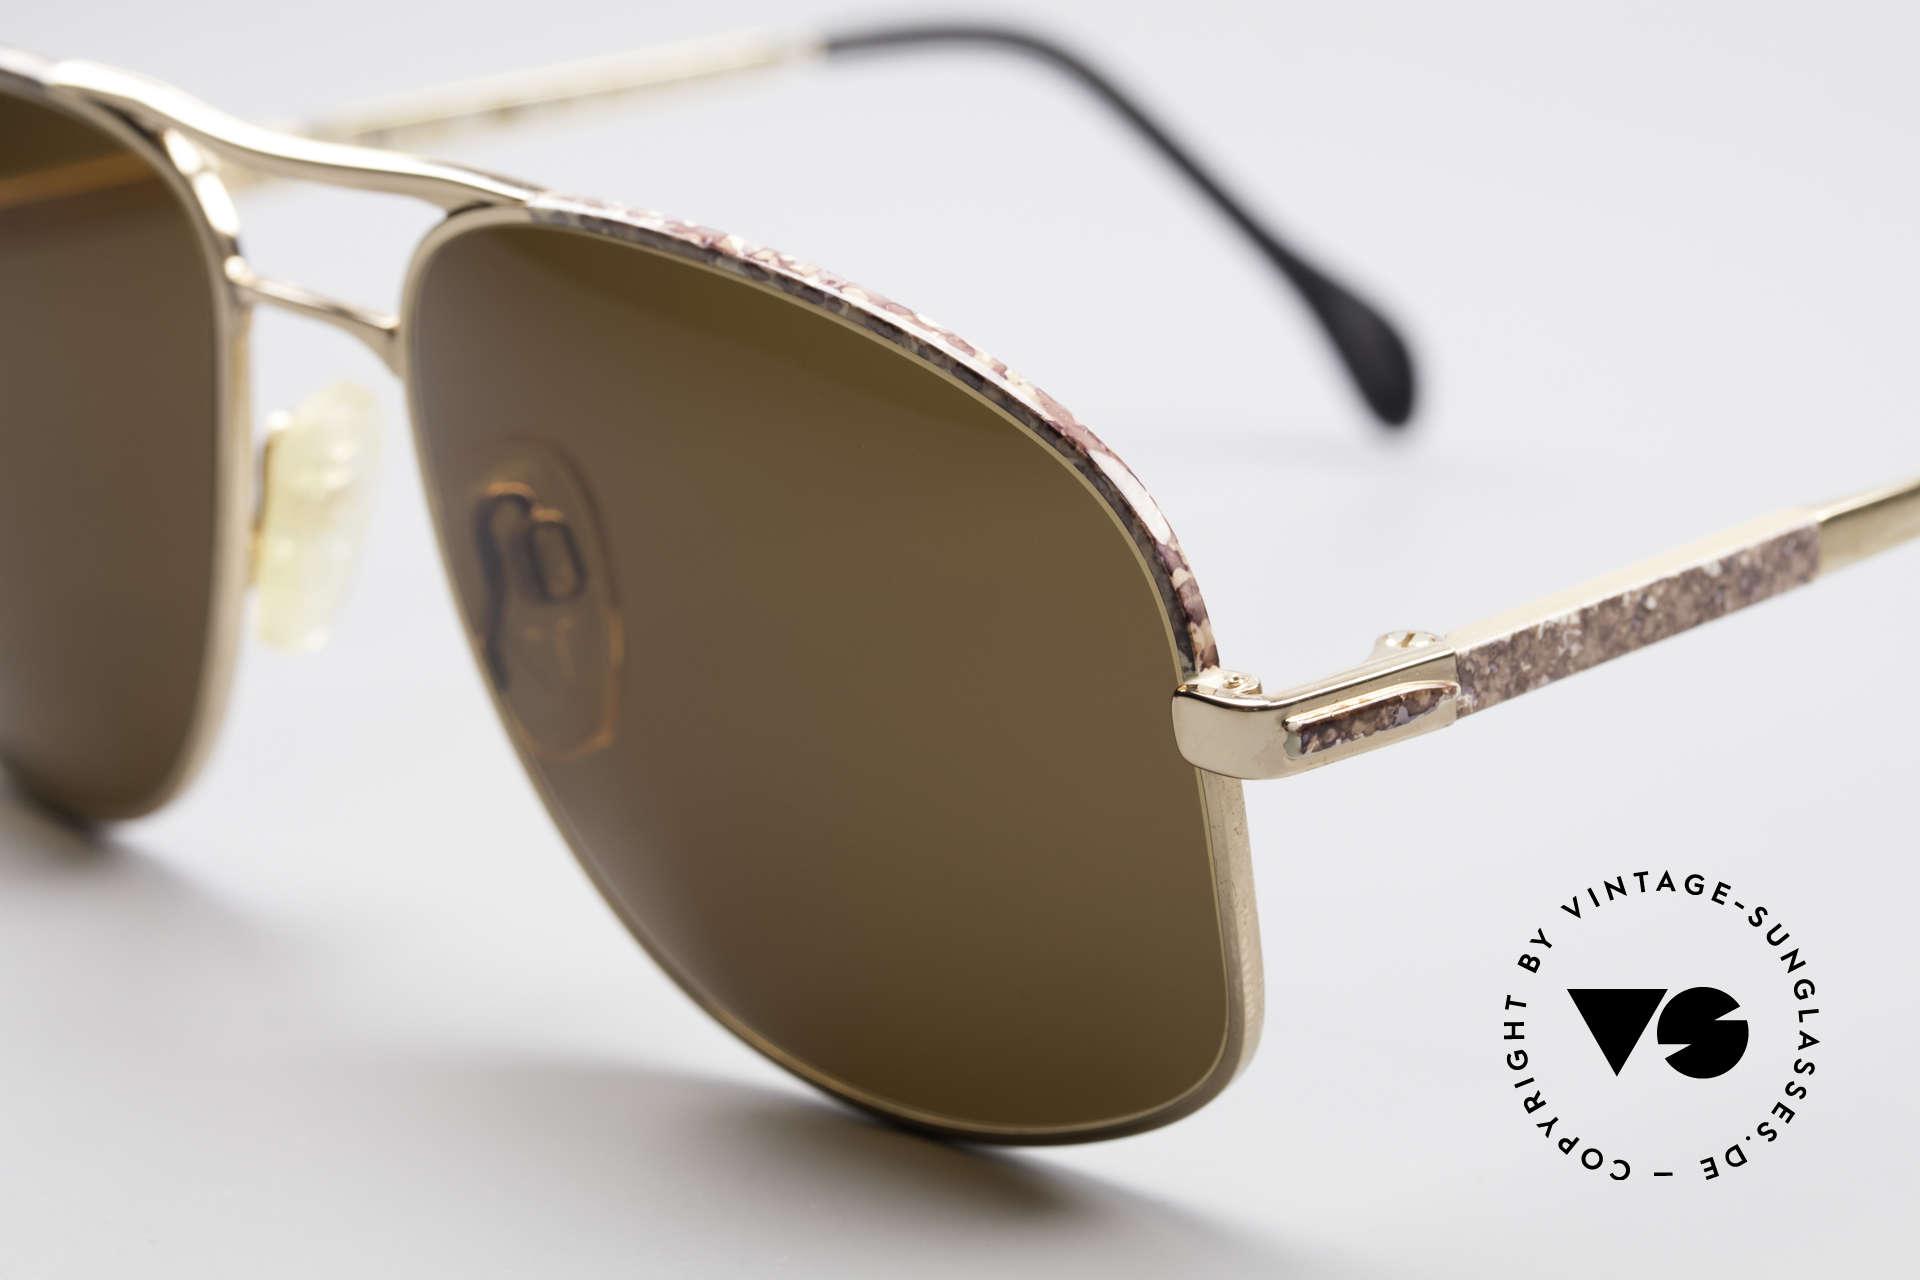 Zollitsch Cadre 8 18k Gold Plated Sonnenbrille, interessante Alternative zur gewöhnlichen Pilotenform, Passend für Herren